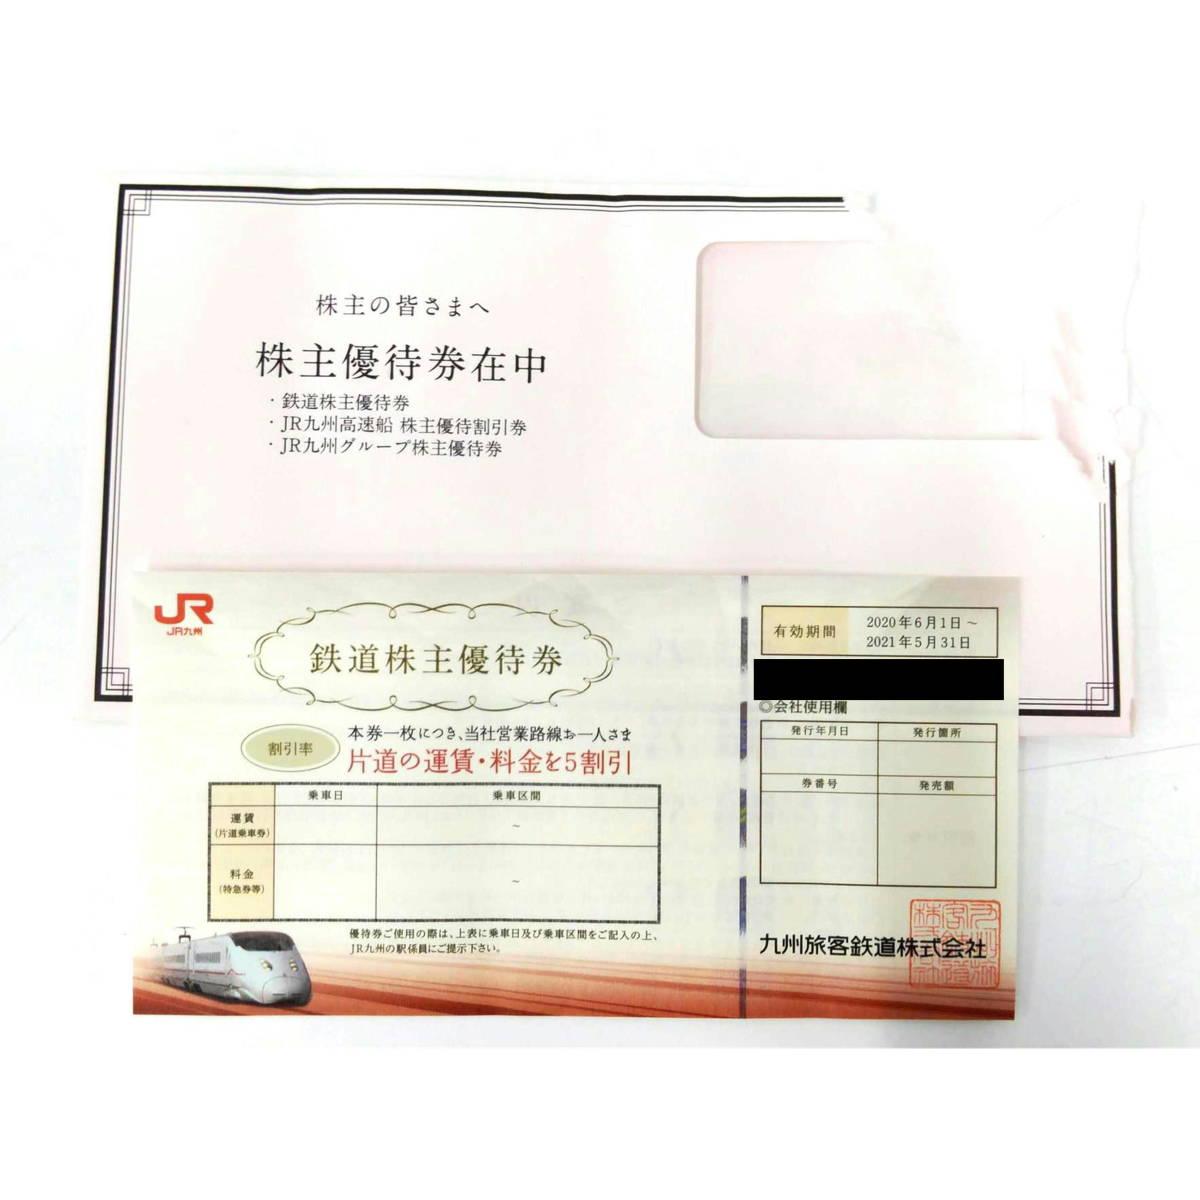 送料無料 JR九州 九州旅客鉄道 鉄道株主優待券 割引券 50%割引_画像1